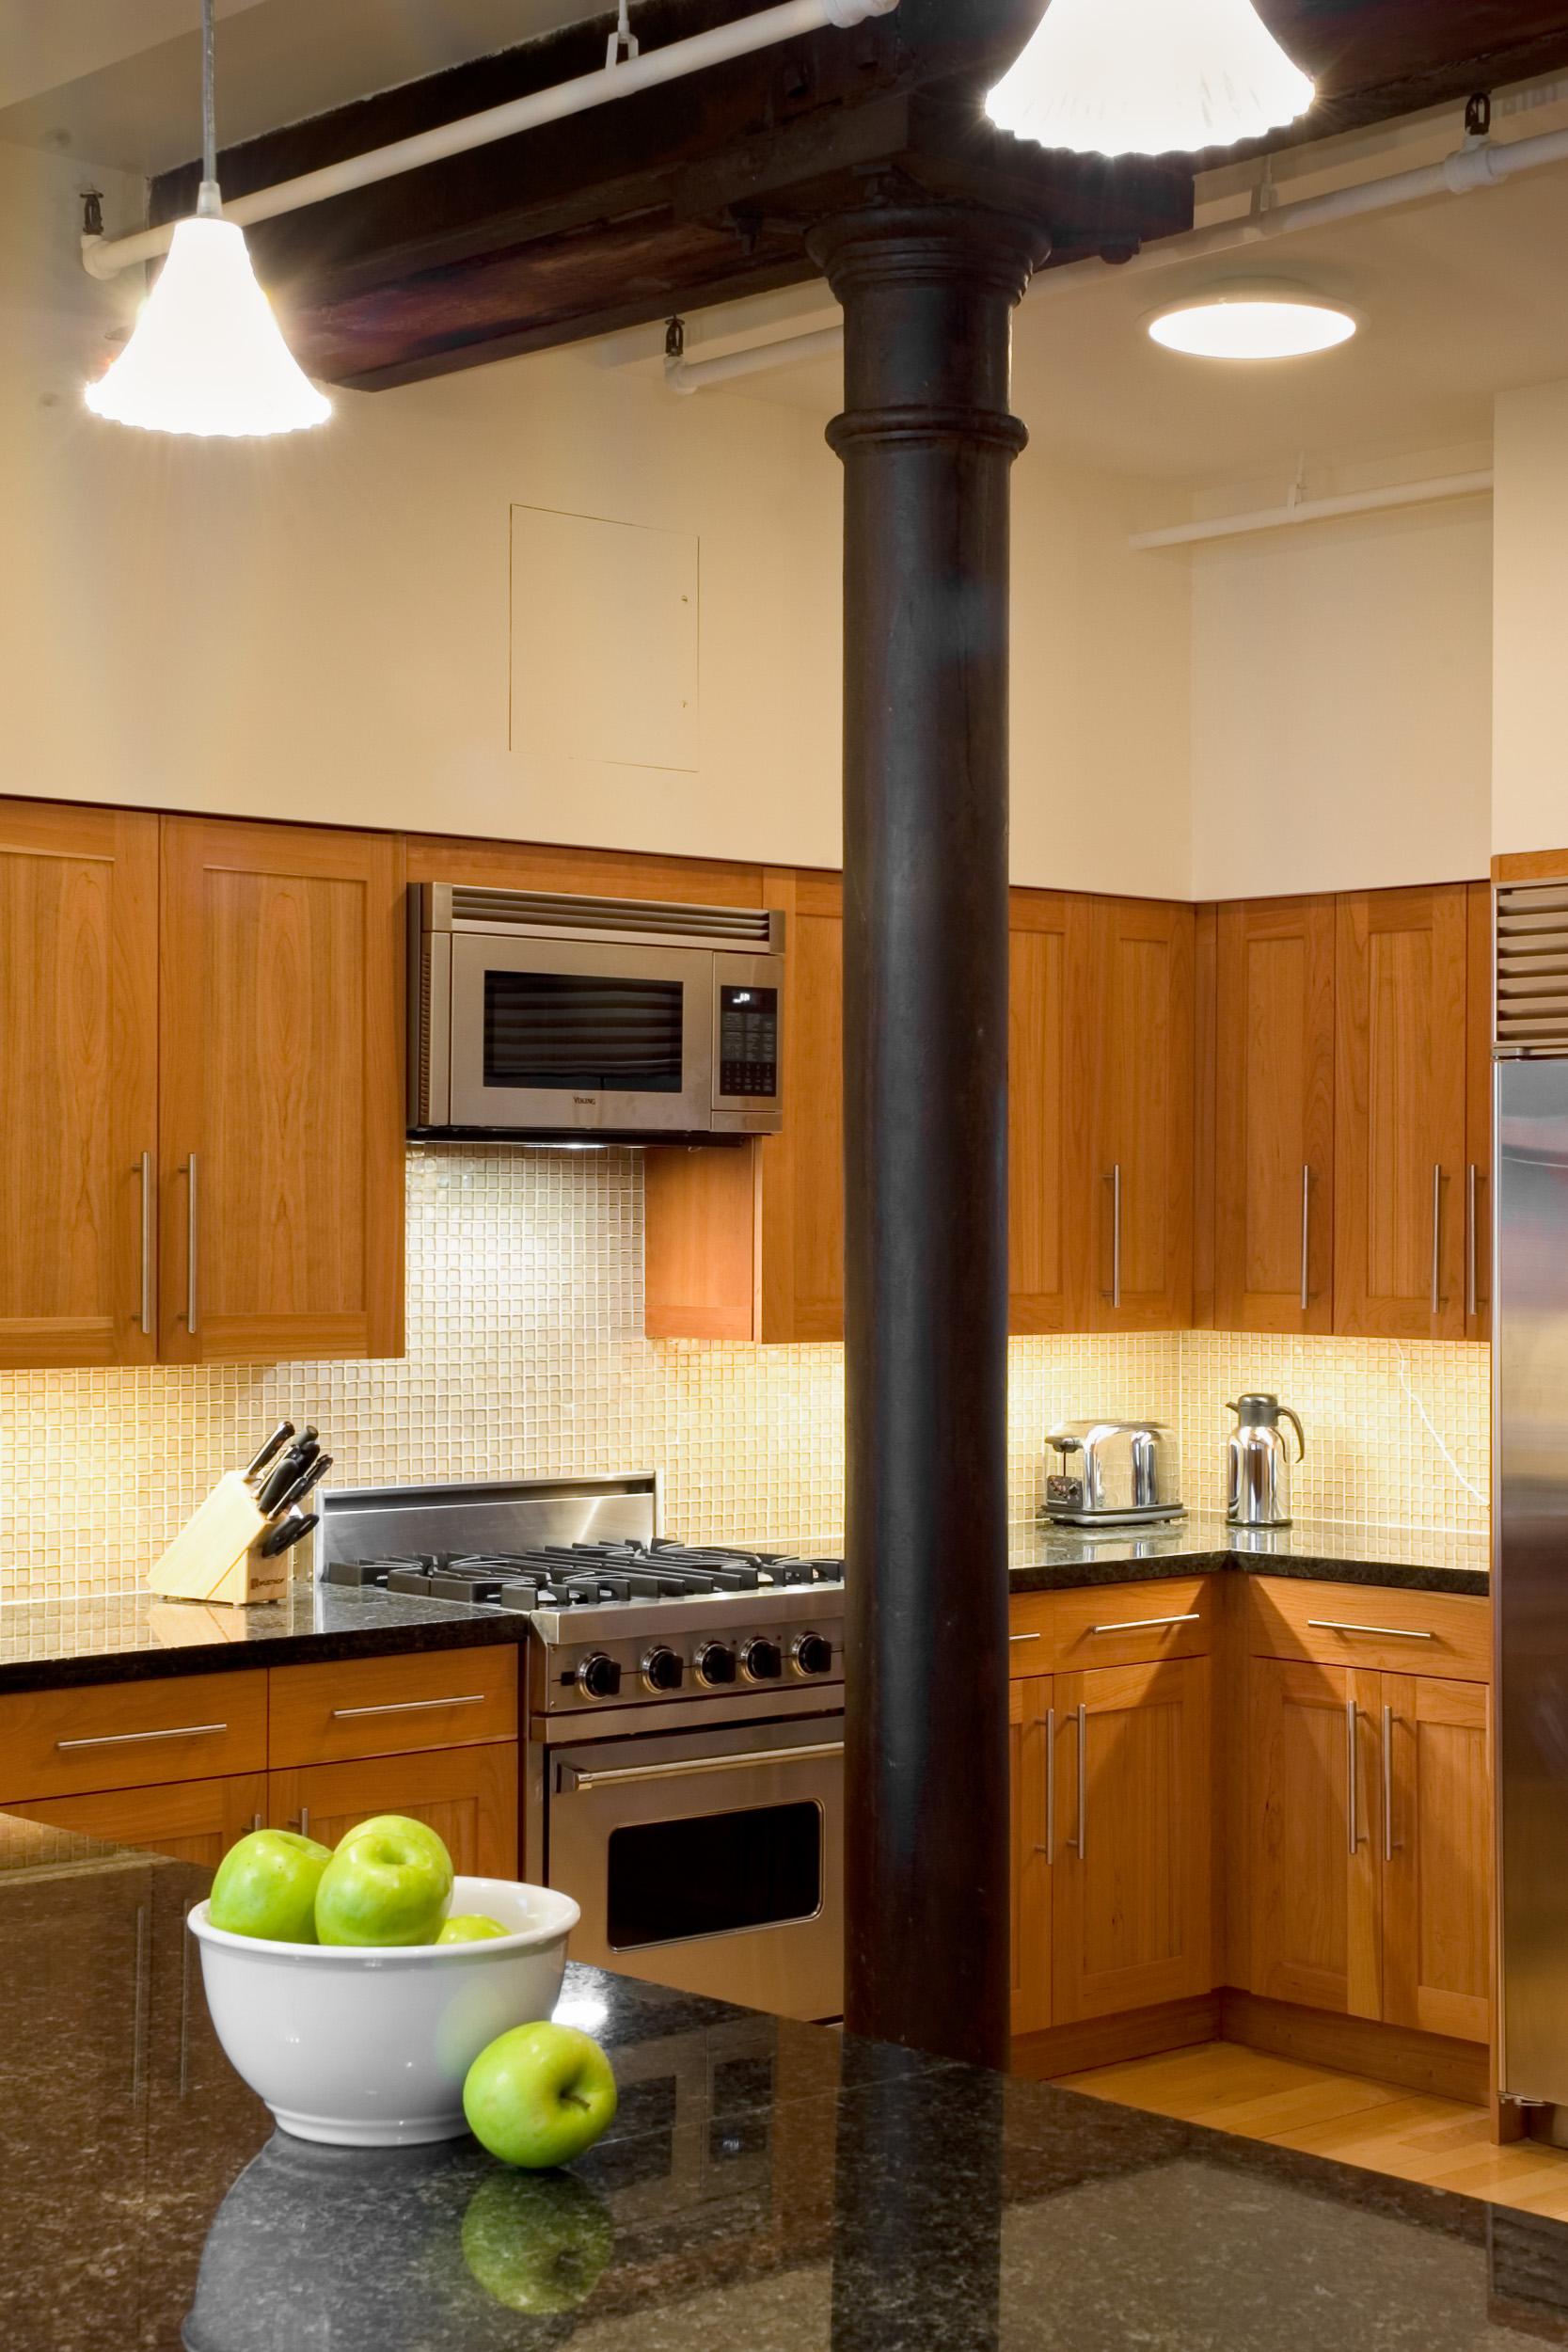 Apt2 Kitchen 1.jpg